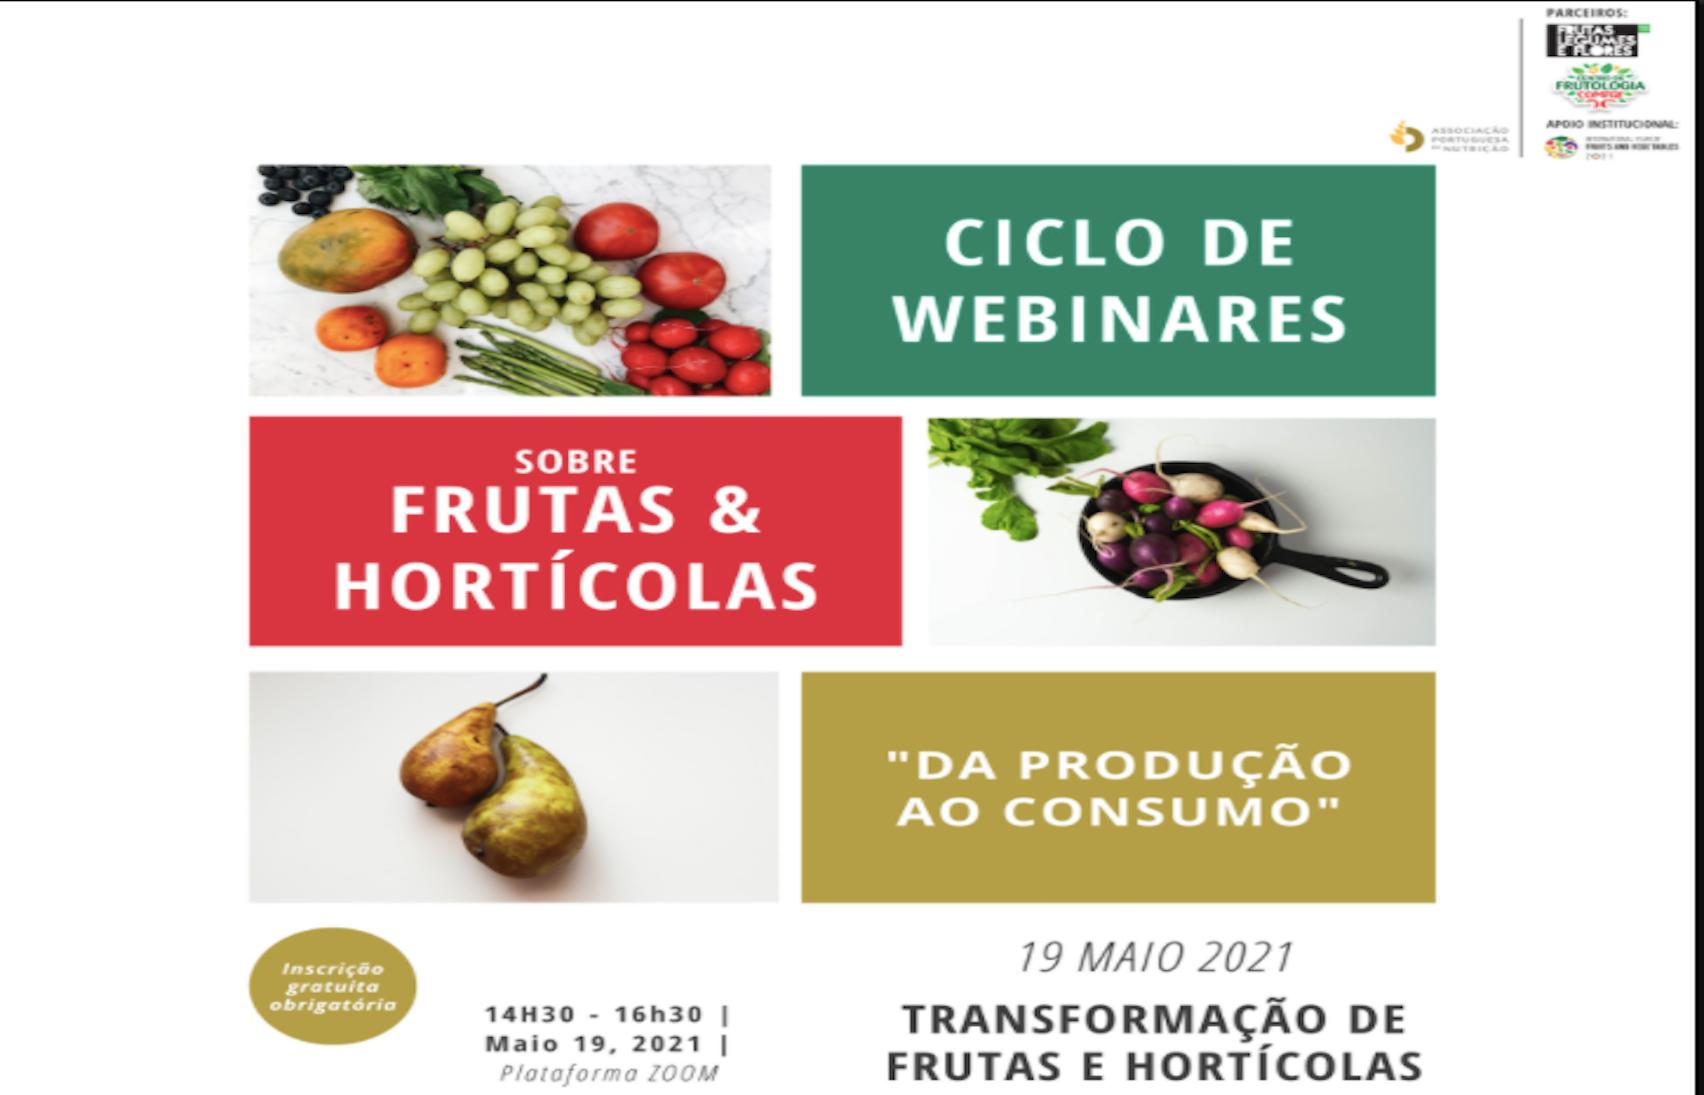 Ciclo de Webinares sobre Fruta e Hortícolas: Transformação de Frutas e Hortícolas - APN